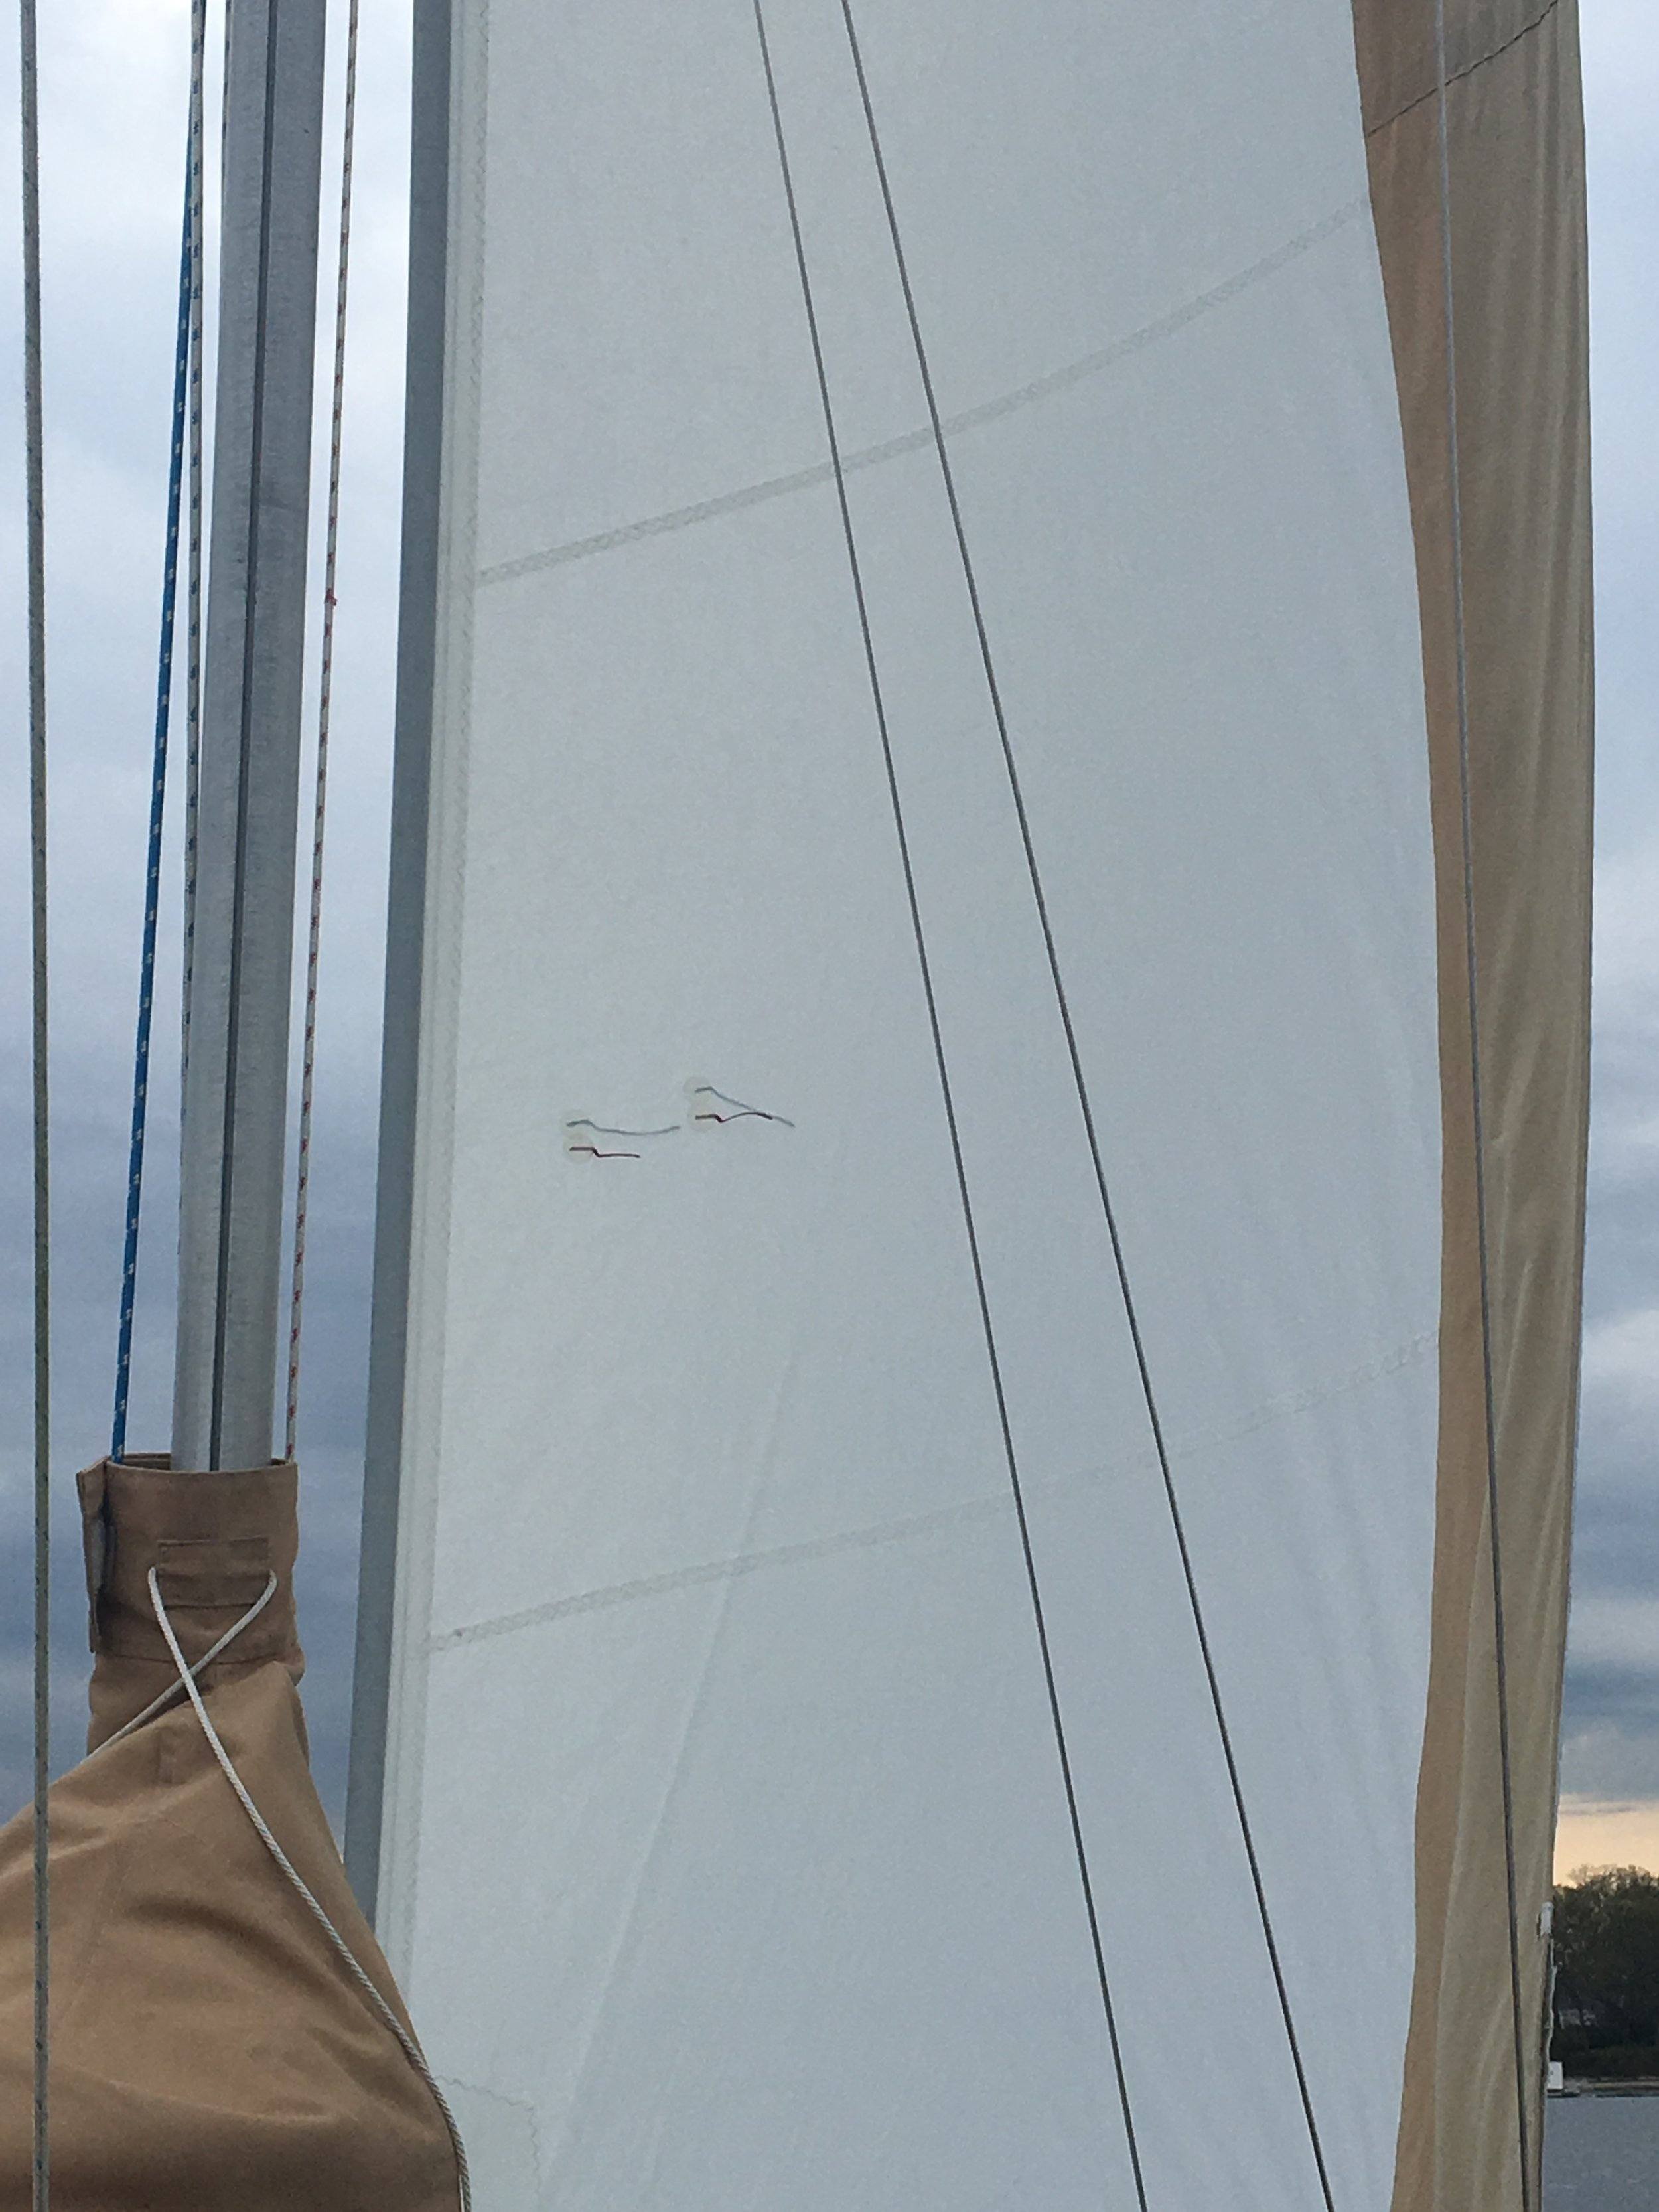 Sails in trim